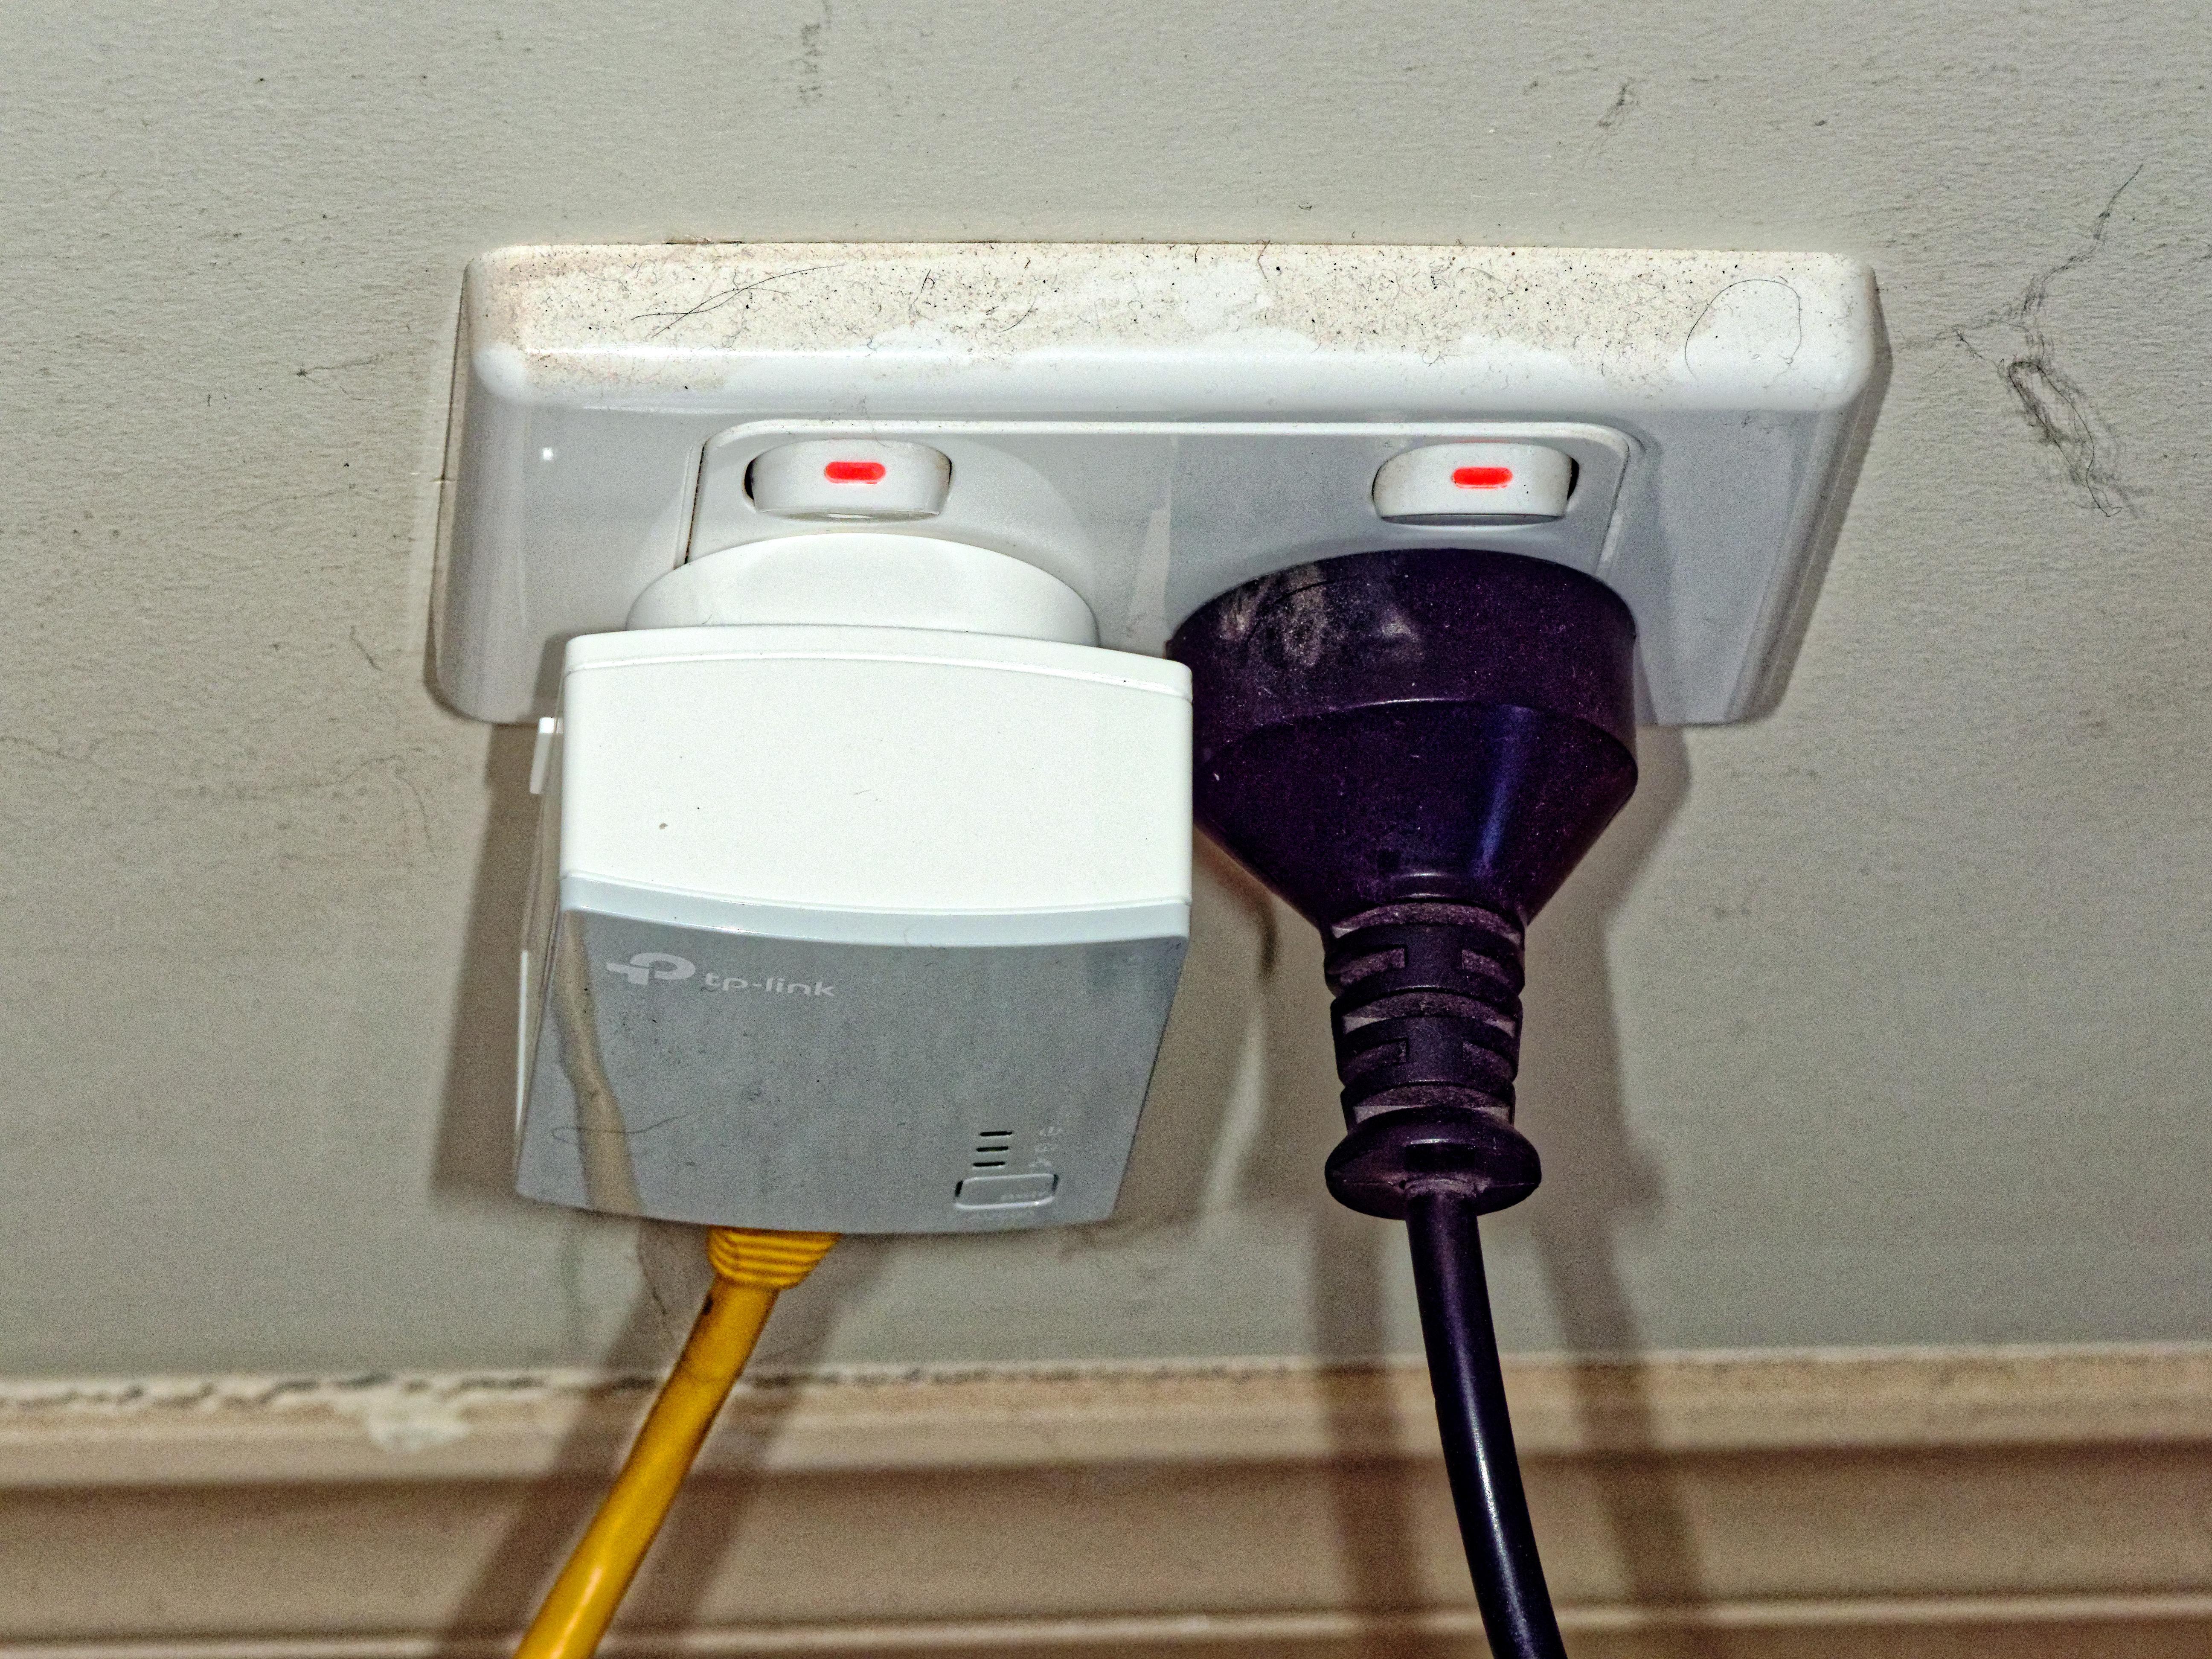 TP-Link-AV600-4.jpeg